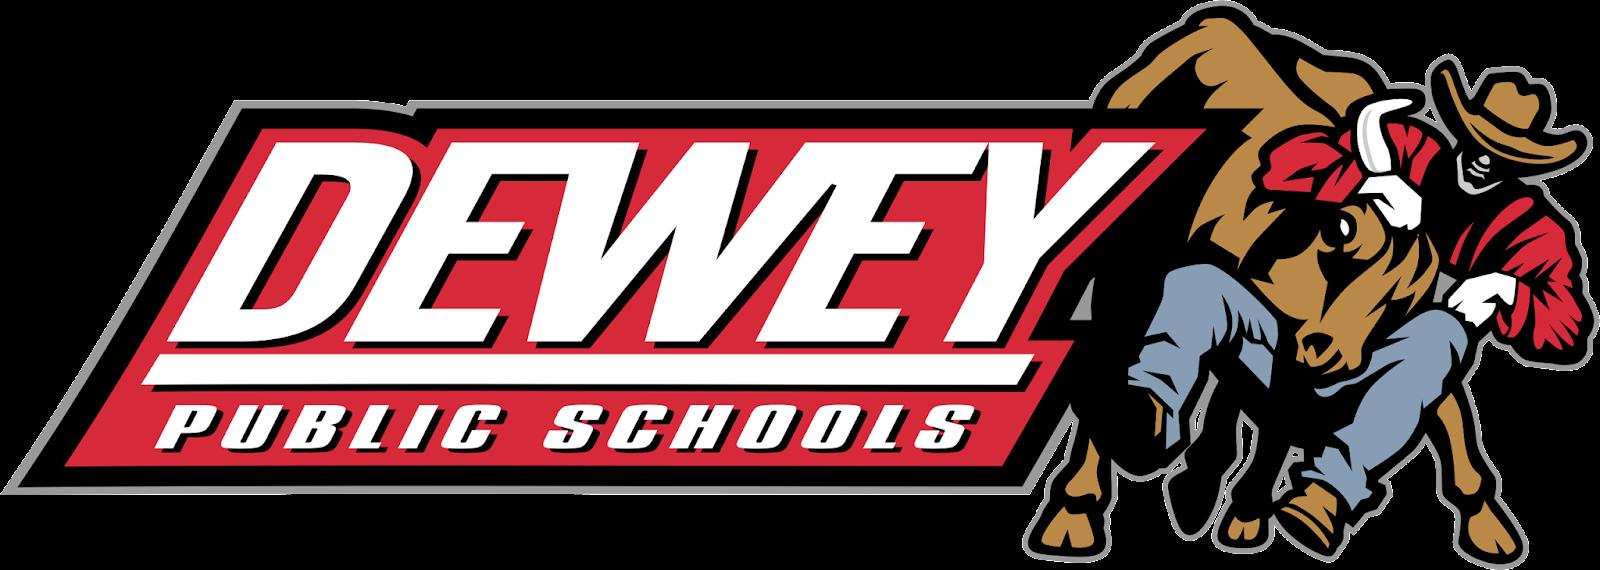 Dewey Public Schools with Mascot.png